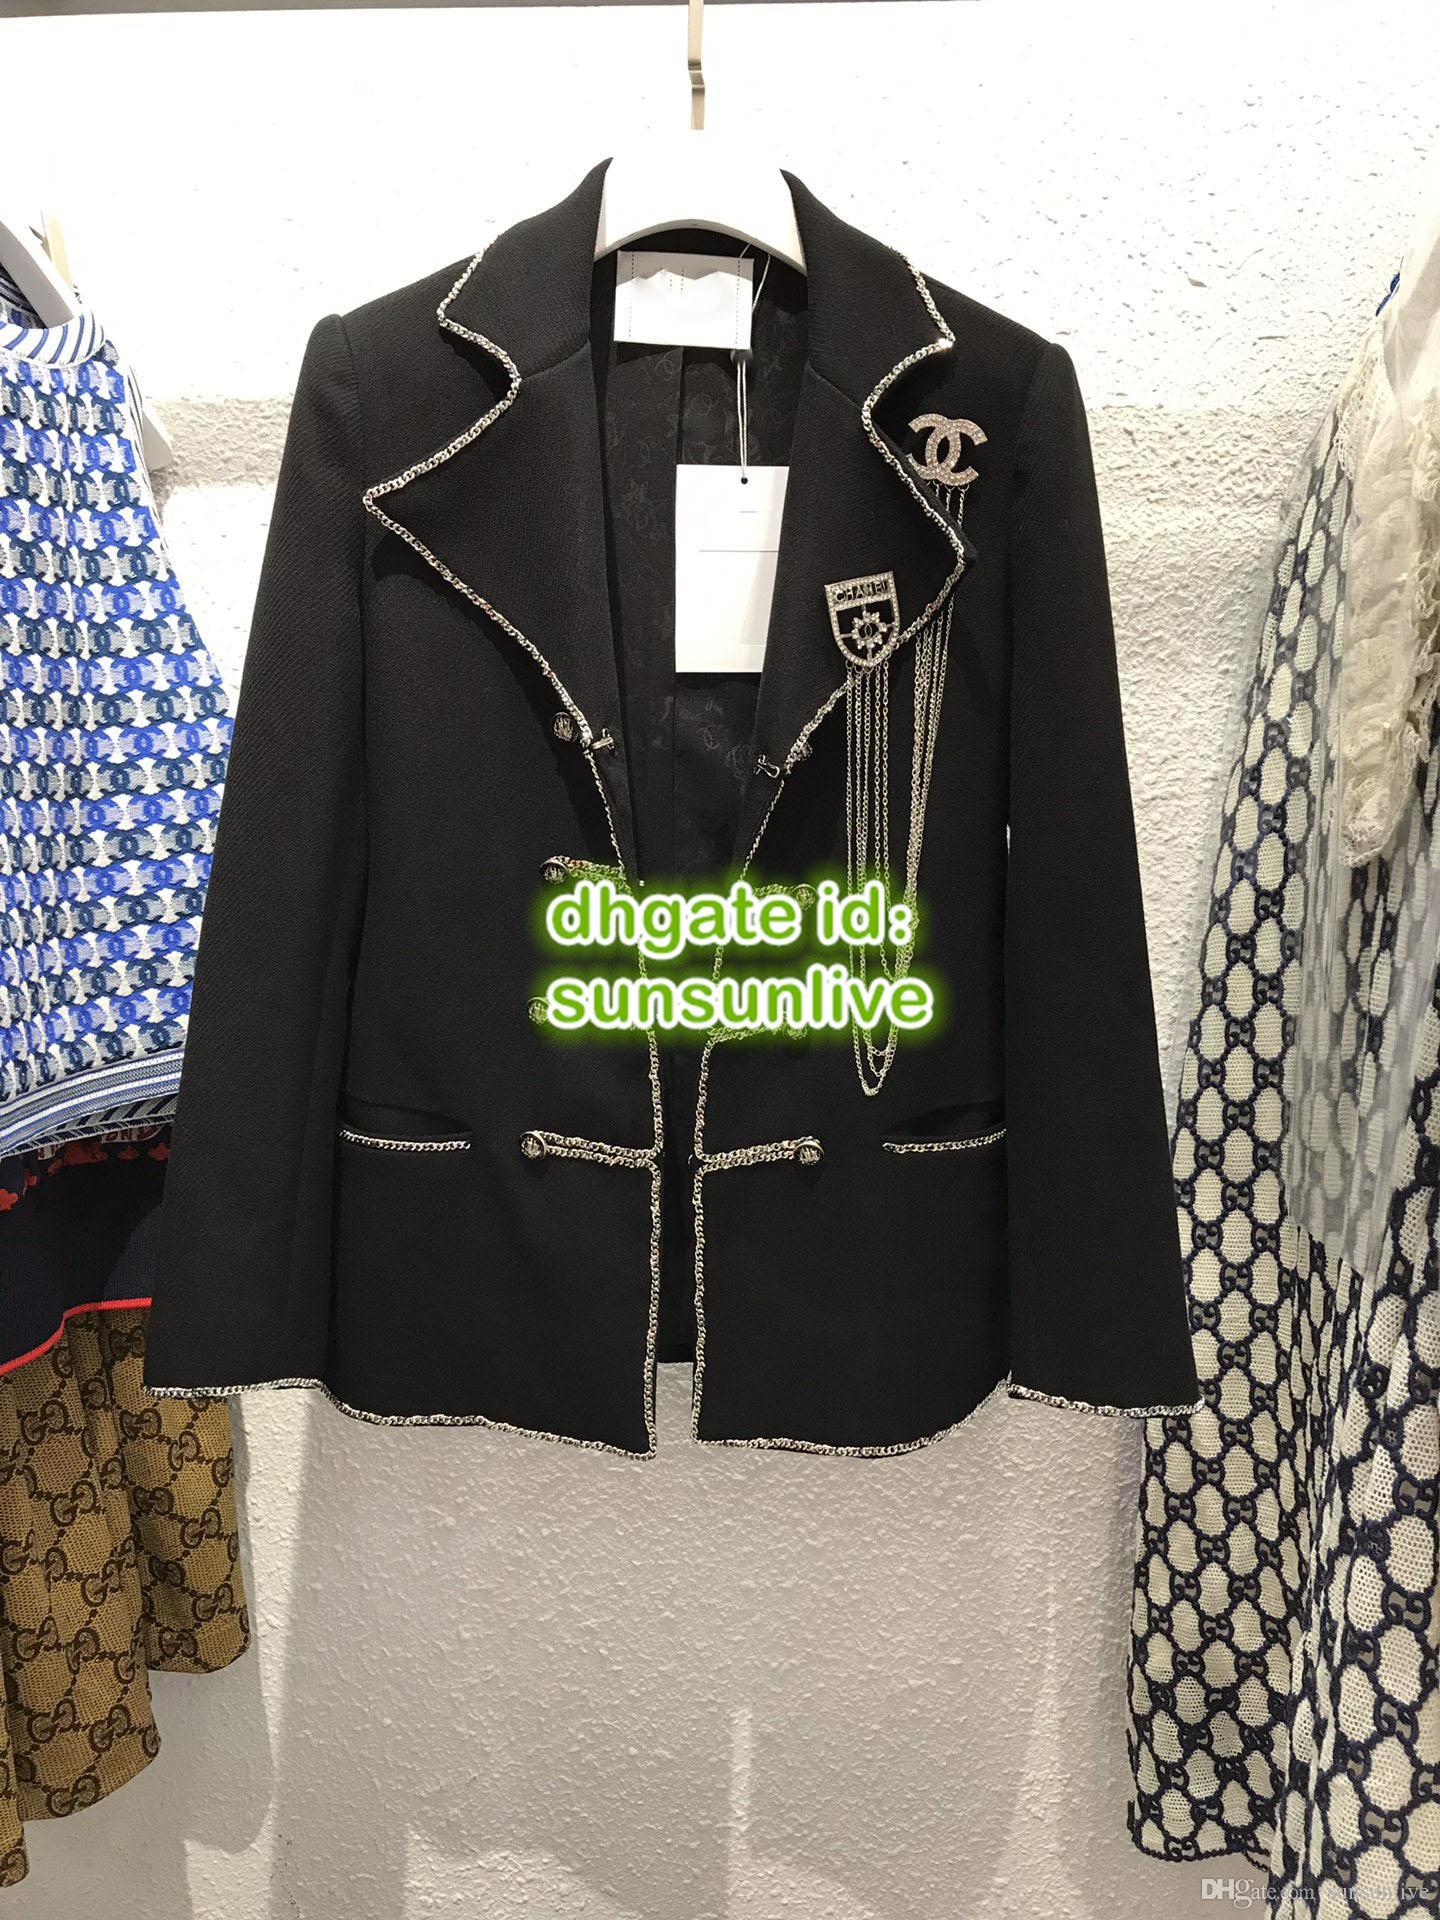 2019 Frauen Tweed Blazer Tops Mit Strass Kette Brosche Seide Innen Mantel Mädchen Die Top Qualität Tweed Langarm Mantel Runway Weibliche Anzüge